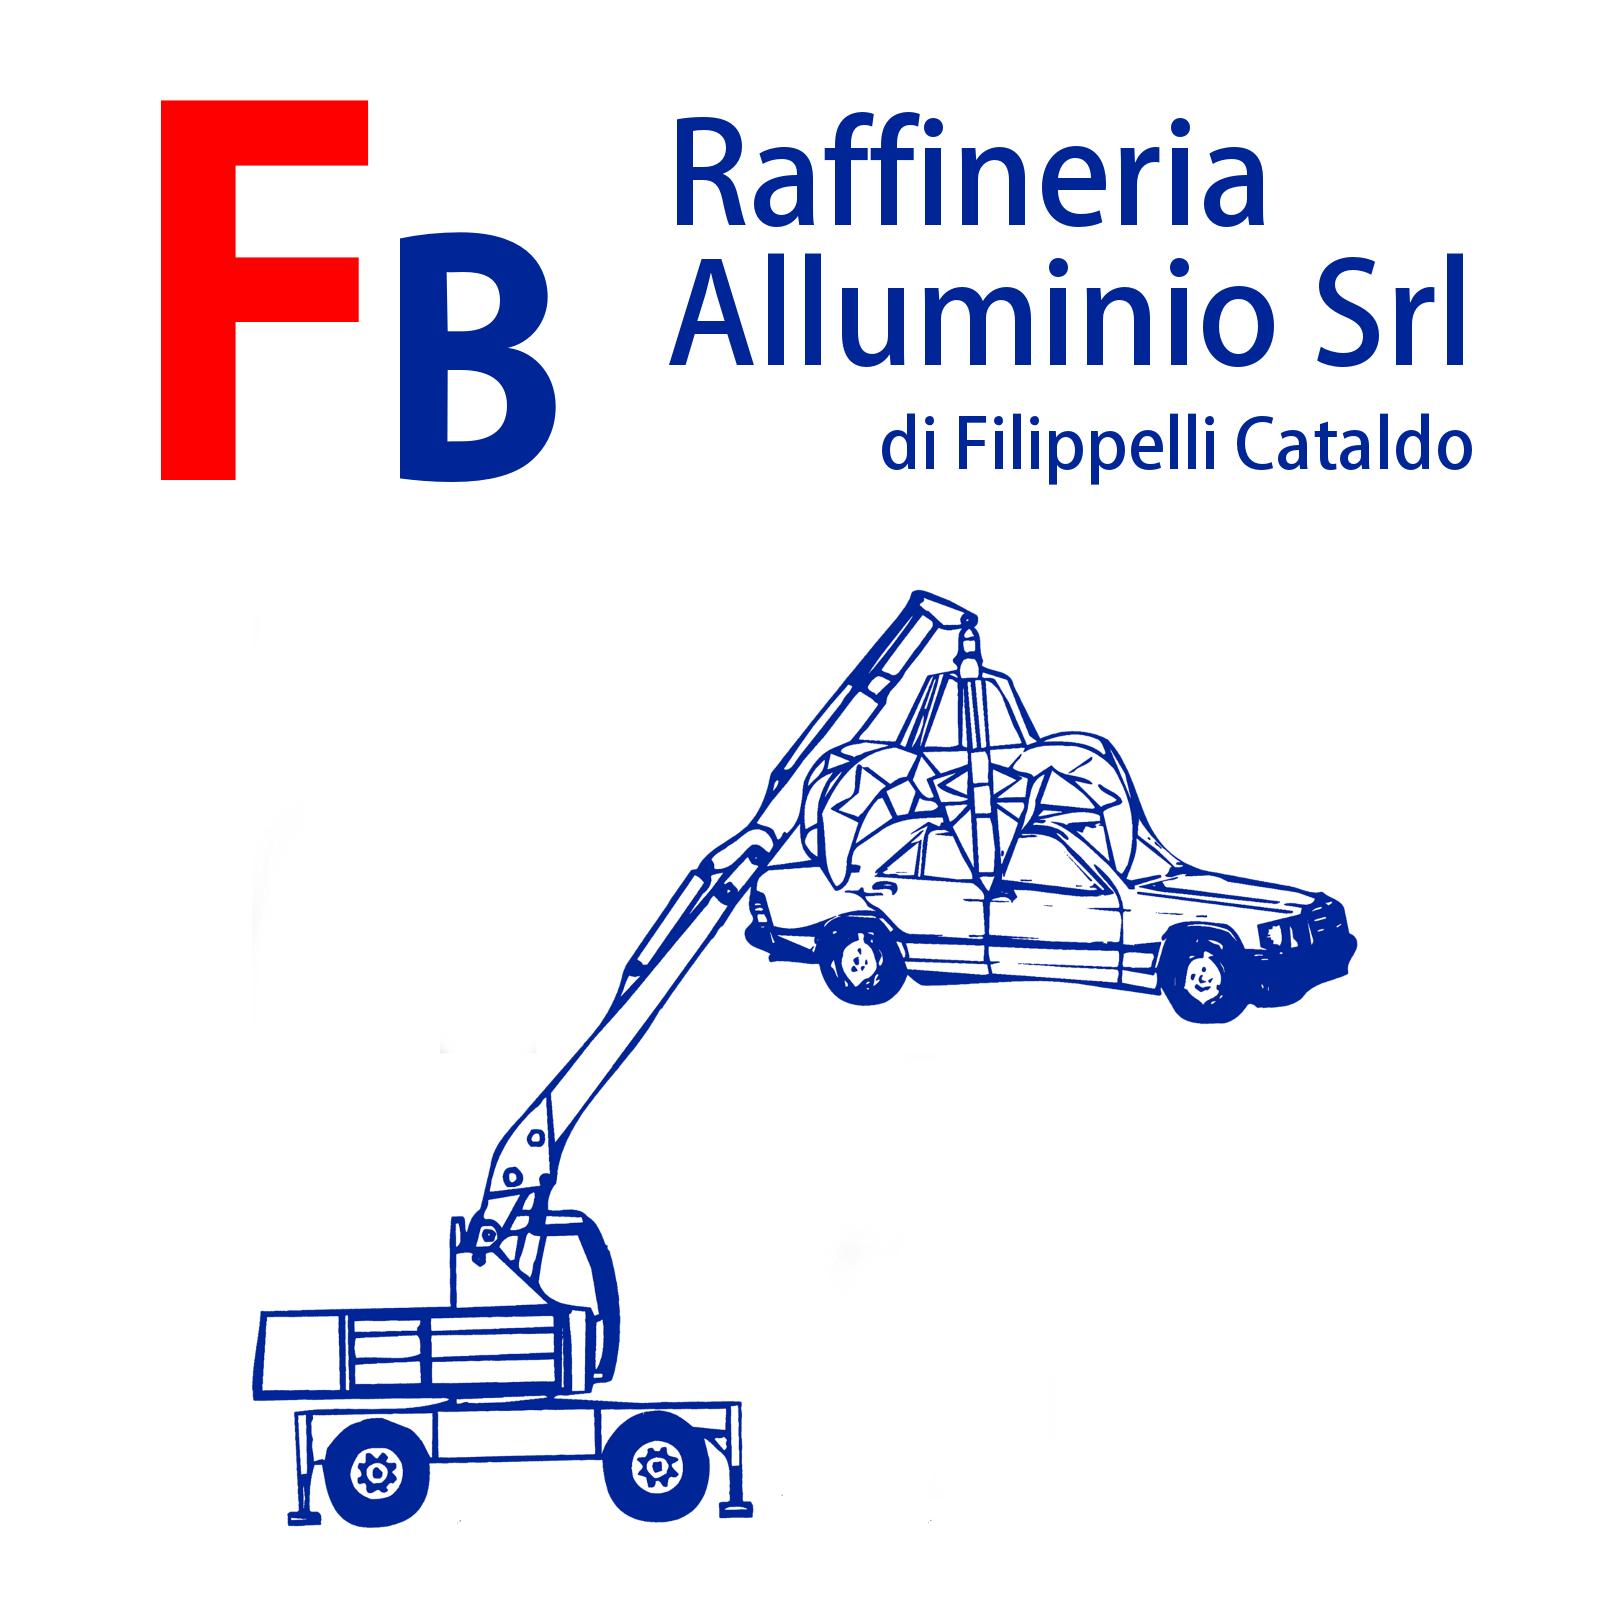 Autodemolizioni viterbo fabrica di roma raffineria cassoni ricambi